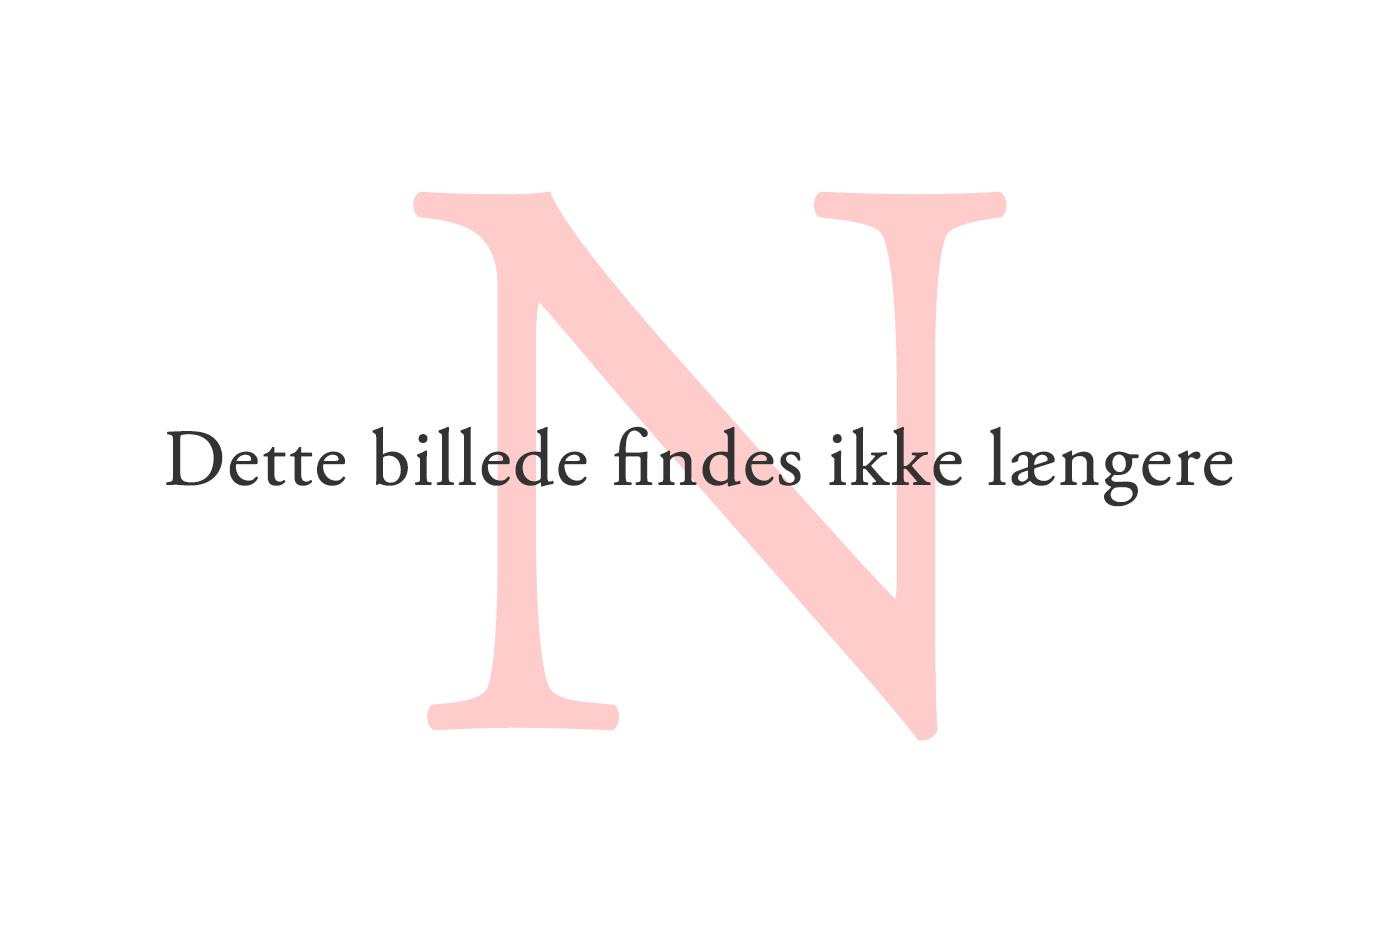 Foto: pixabay.com Svinekødsguide 2016 skal oplyse forbrugerne om god dyrevelfærd i den danske svineproduktion